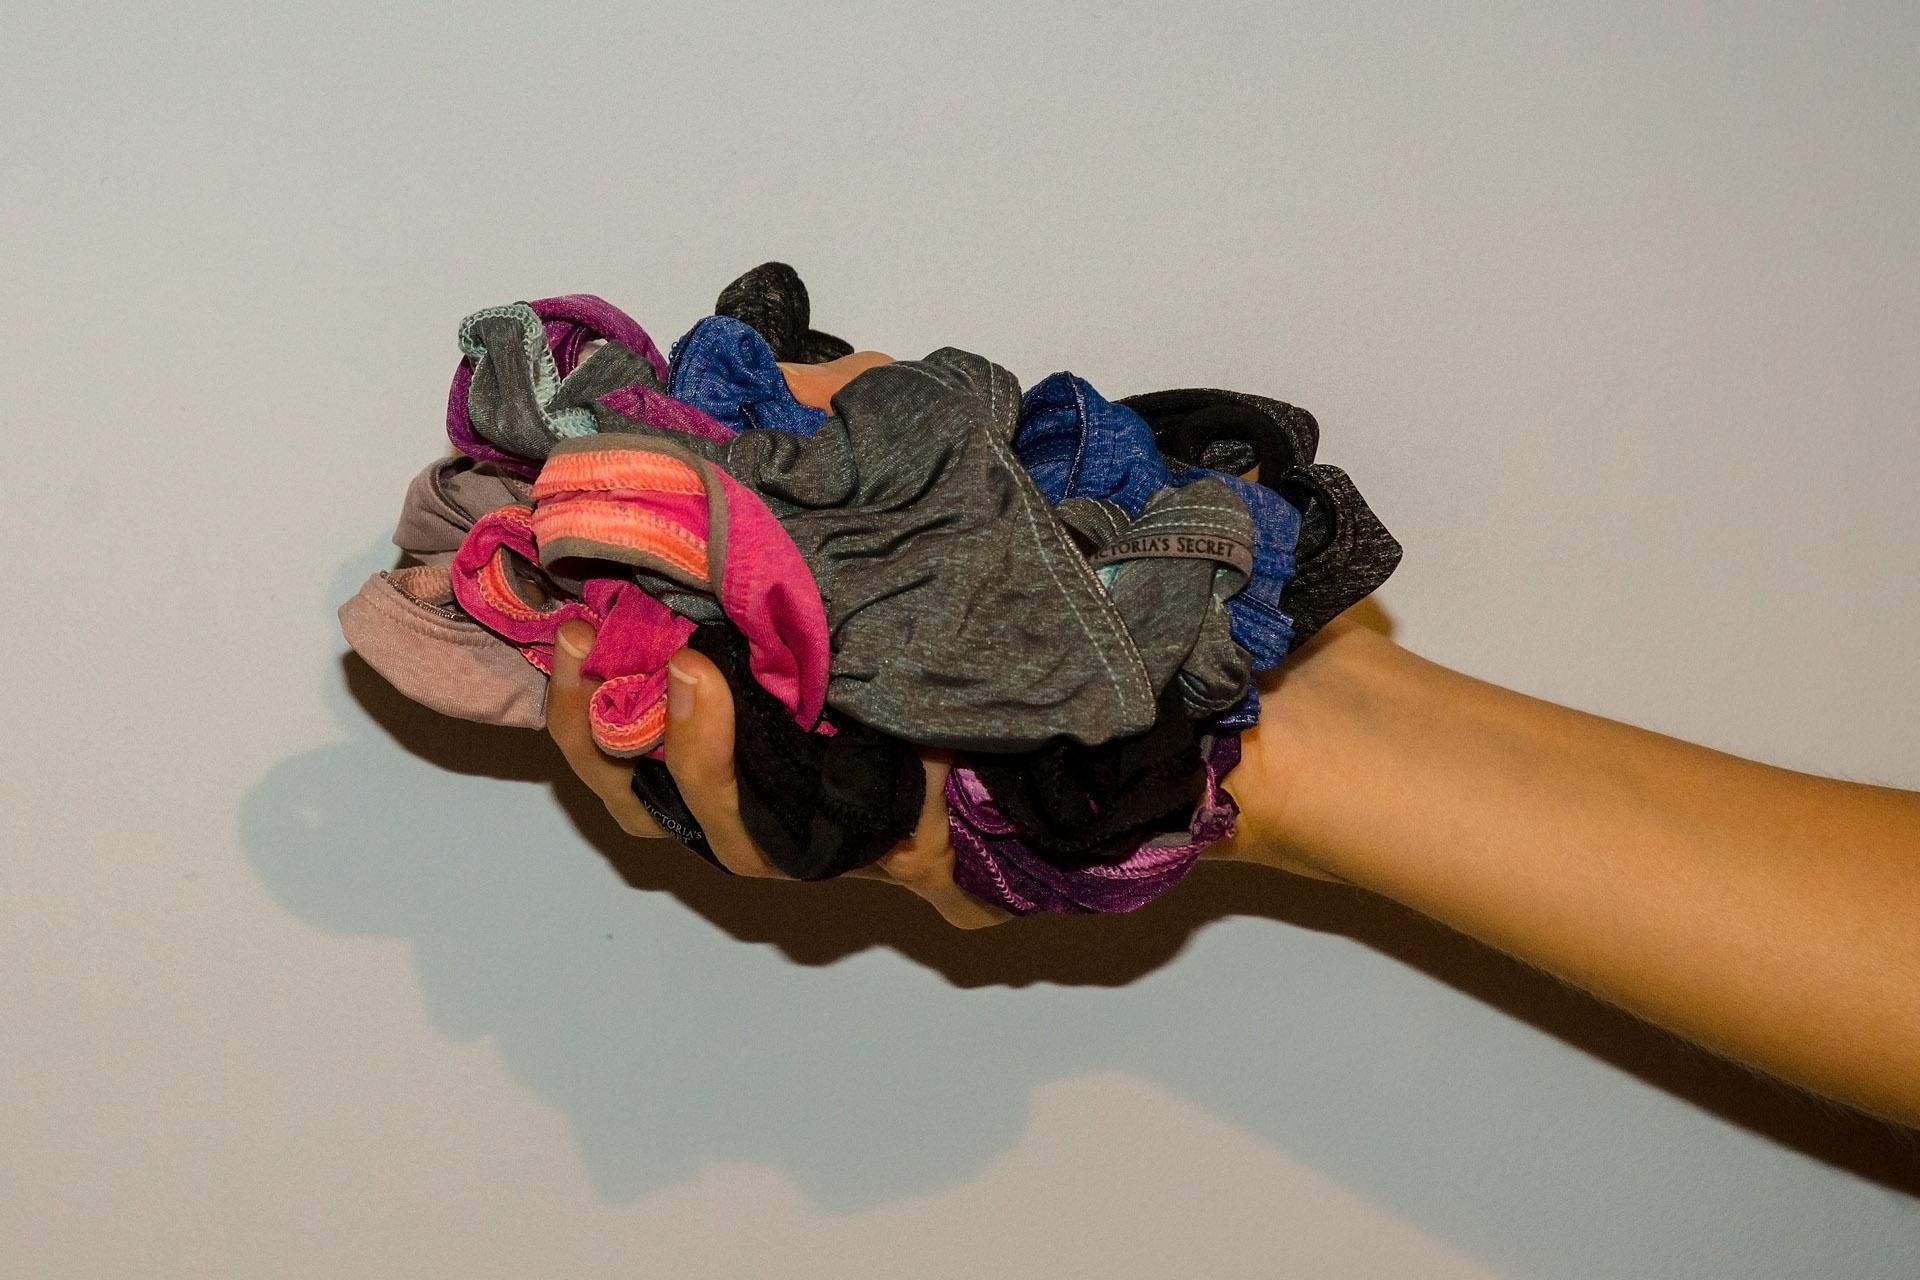 A handful of panties